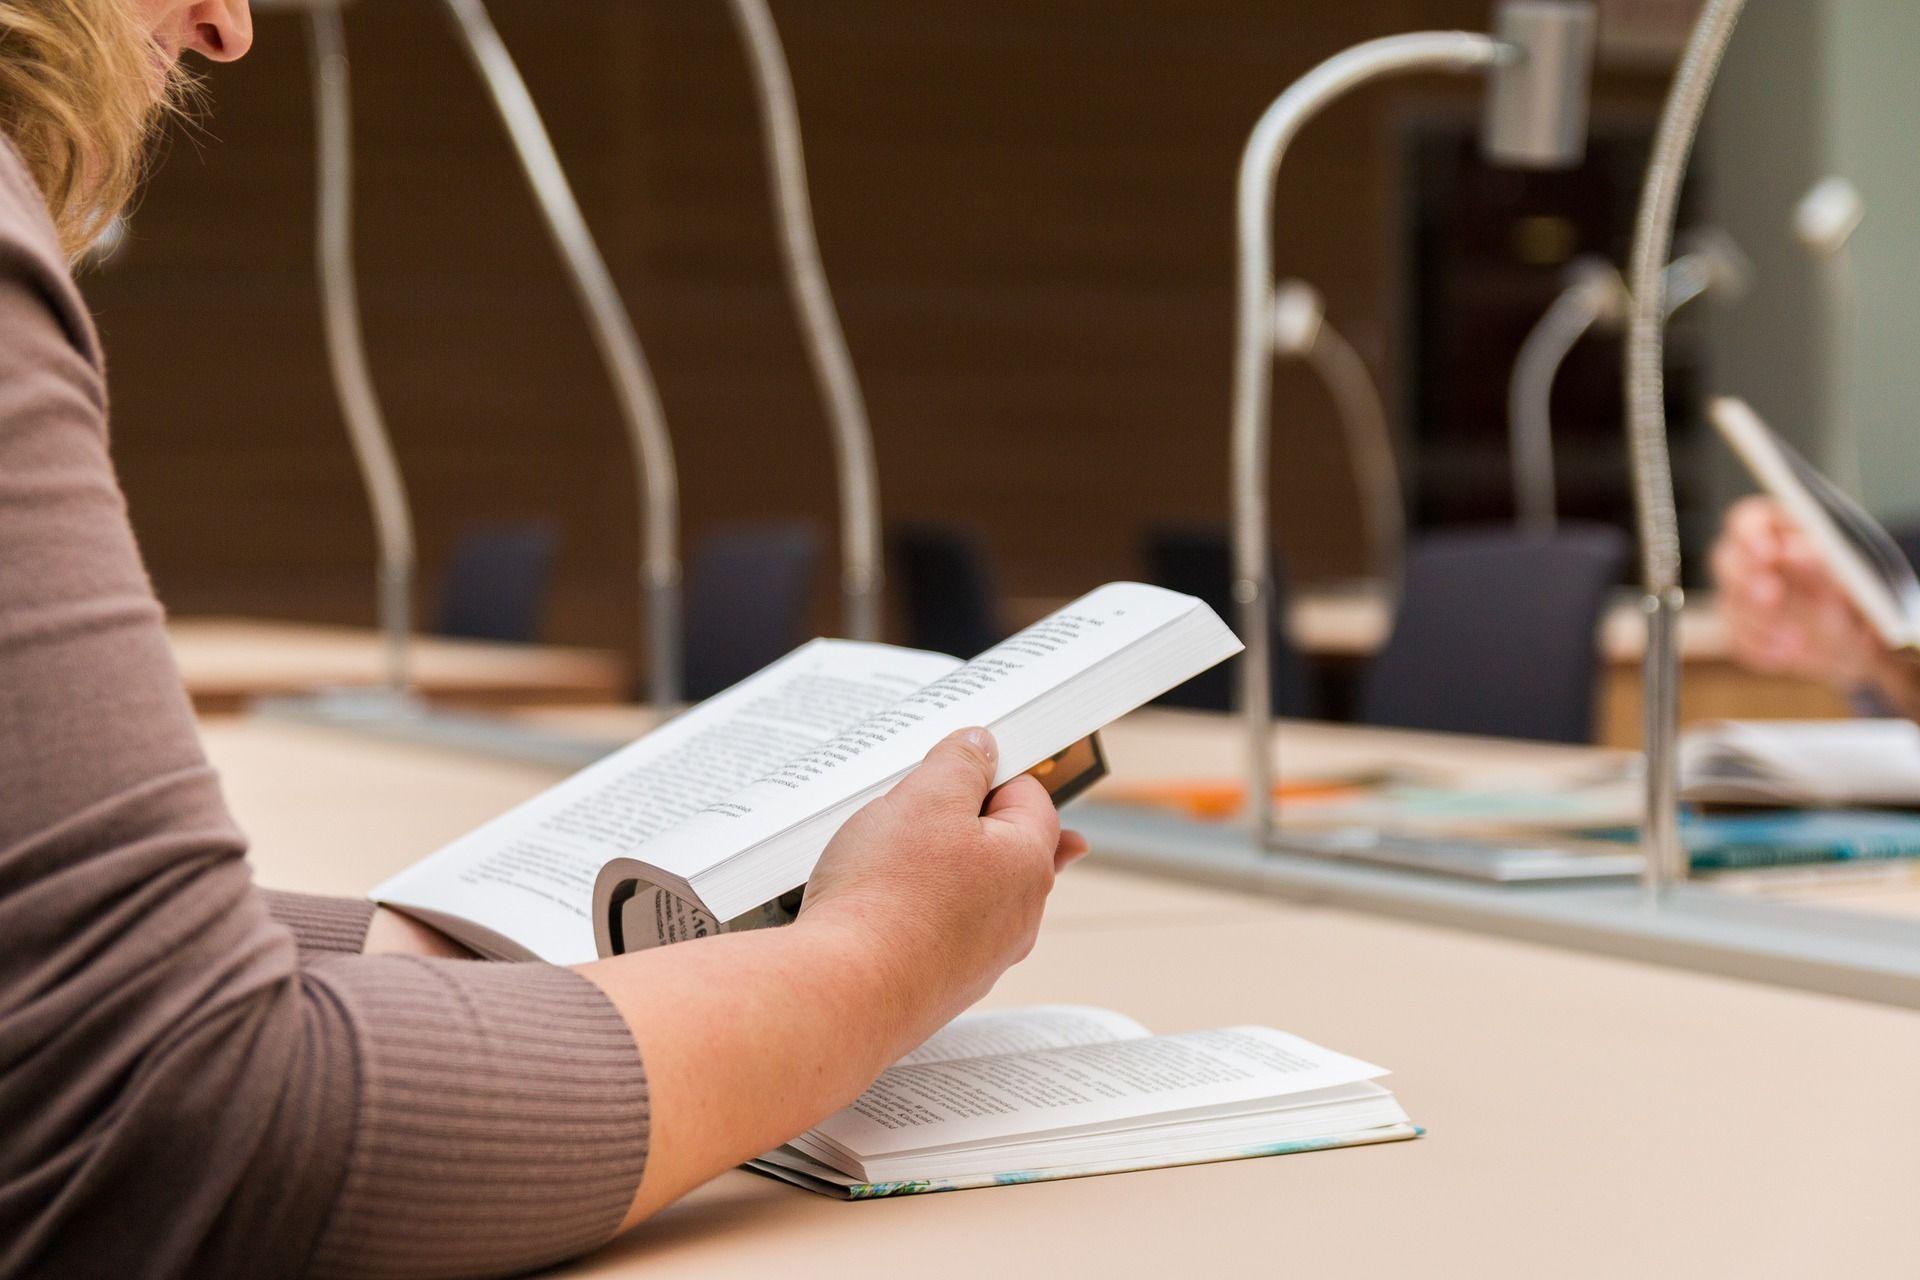 Stypendia dla studentów i doktorantów z niepełnosprawnością wzroku